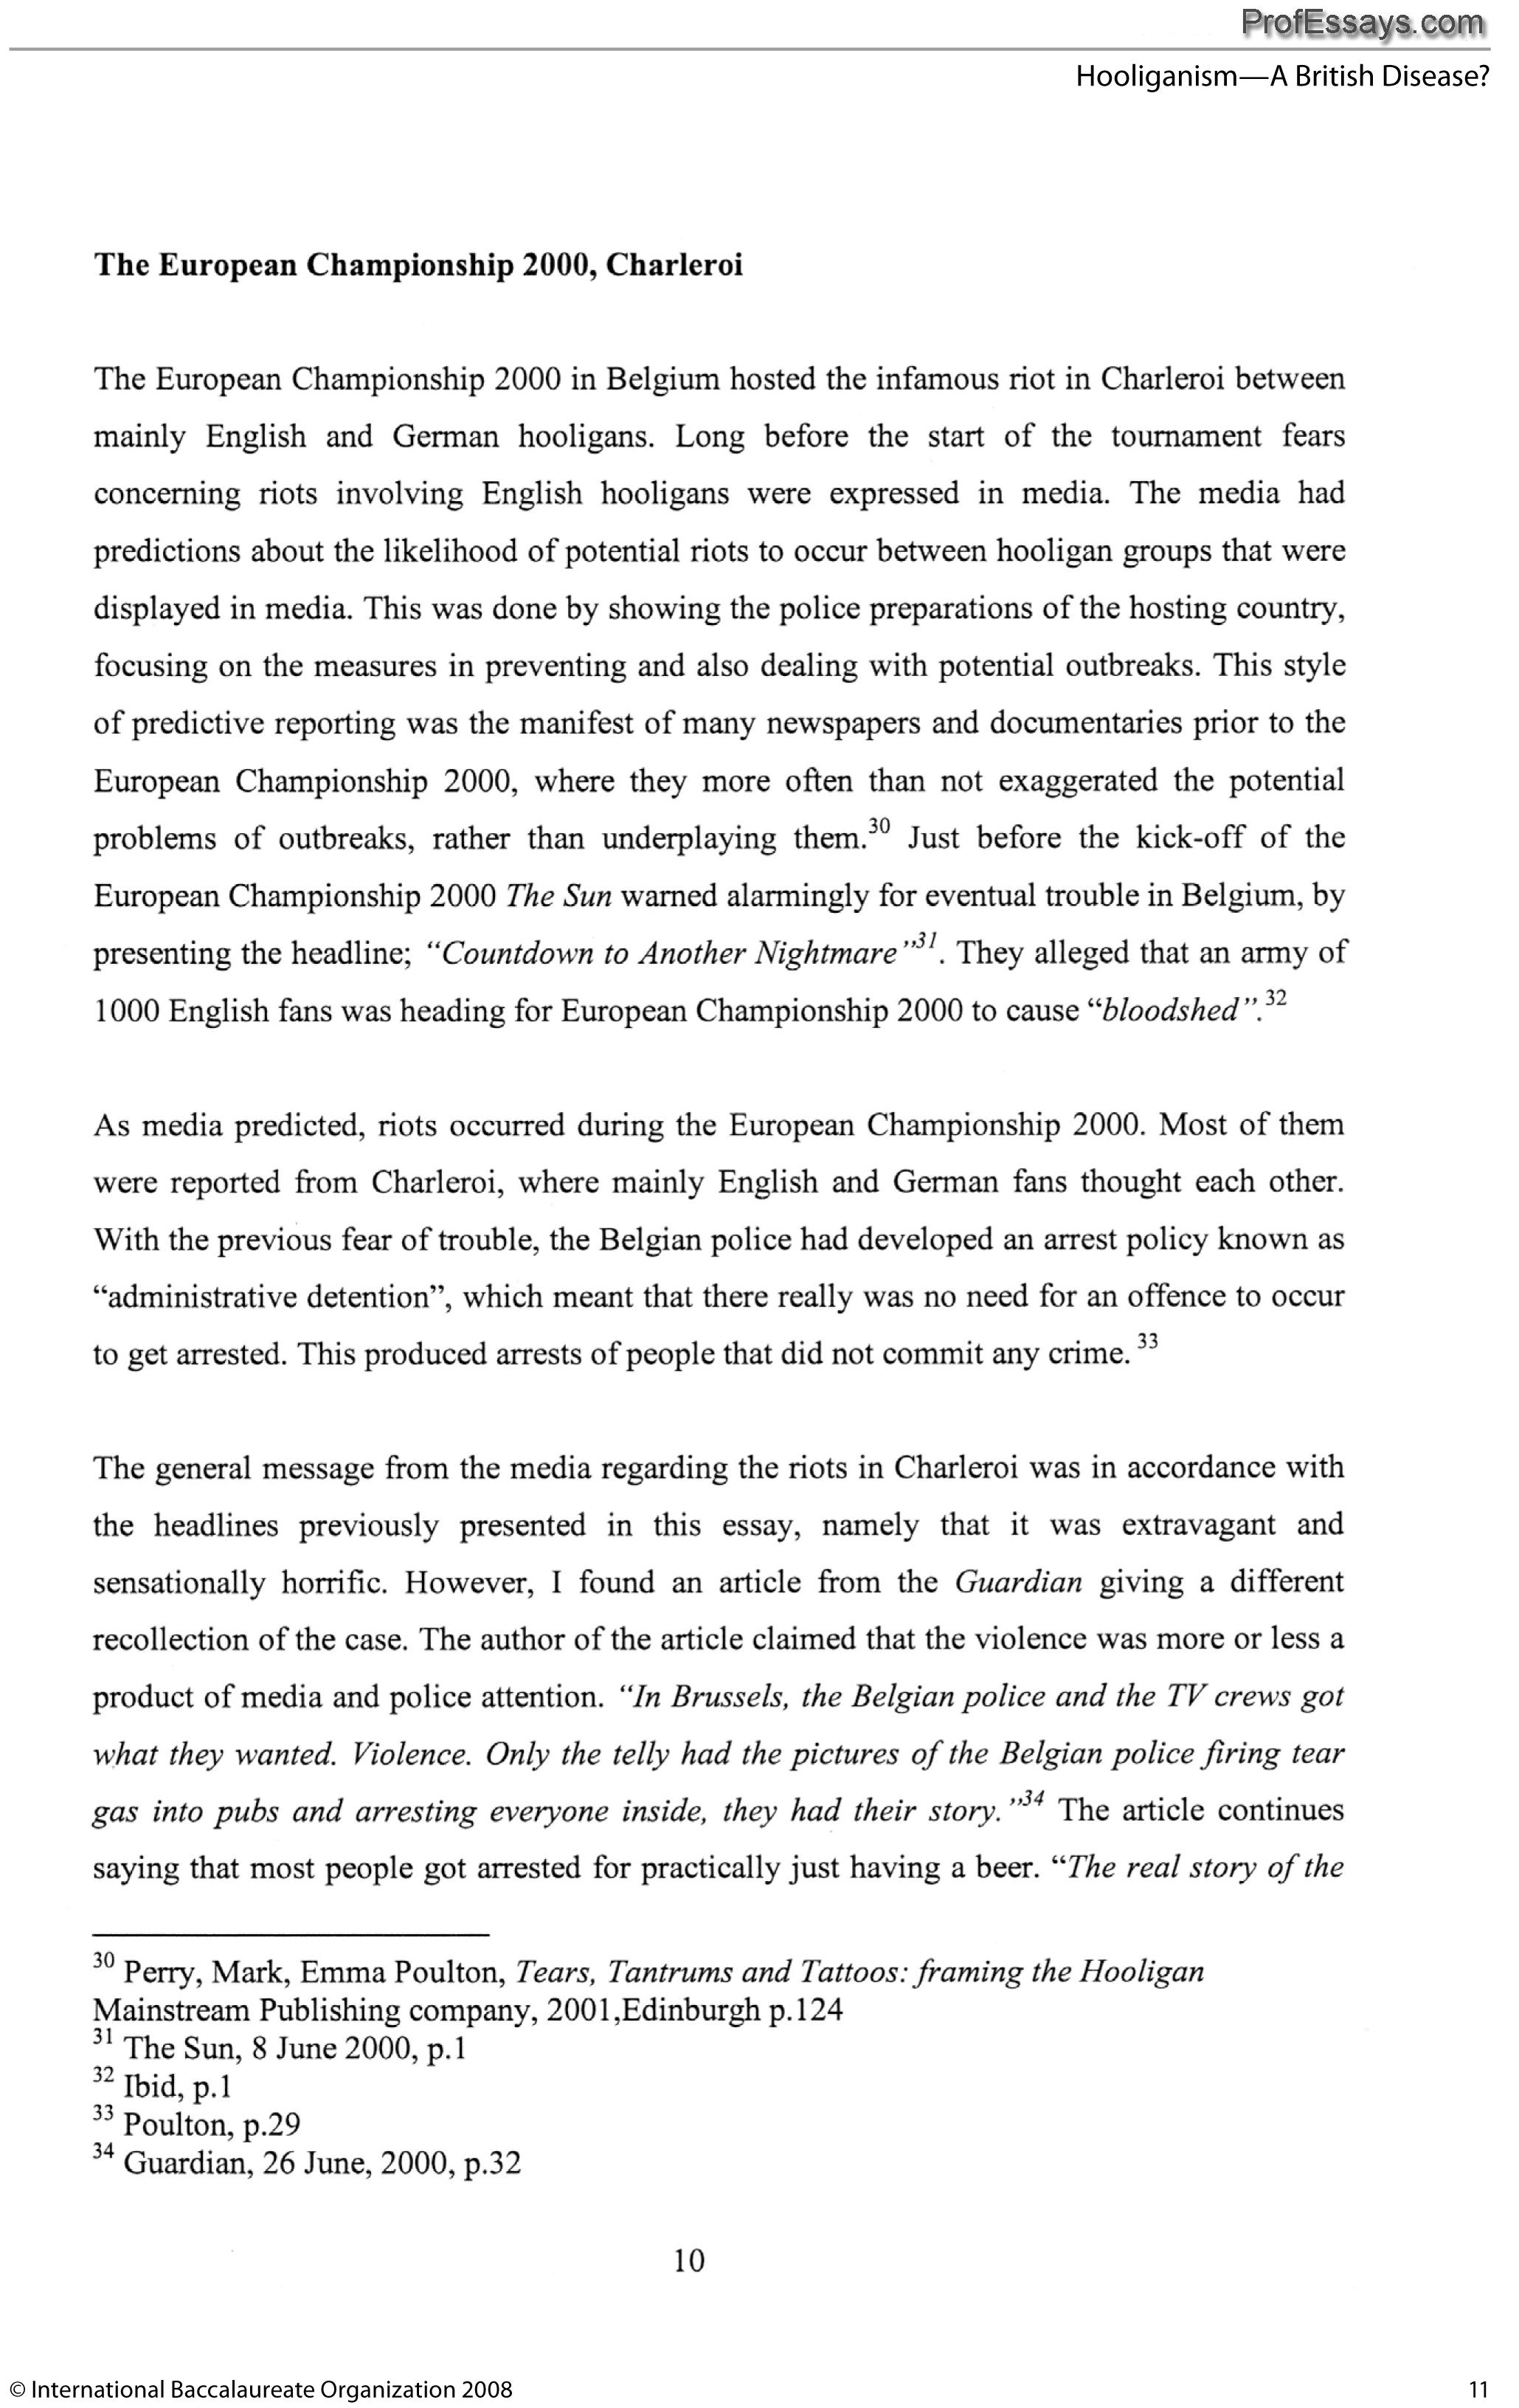 002 Free Professional Essays Ib Extended Essay Sample Impressive Full